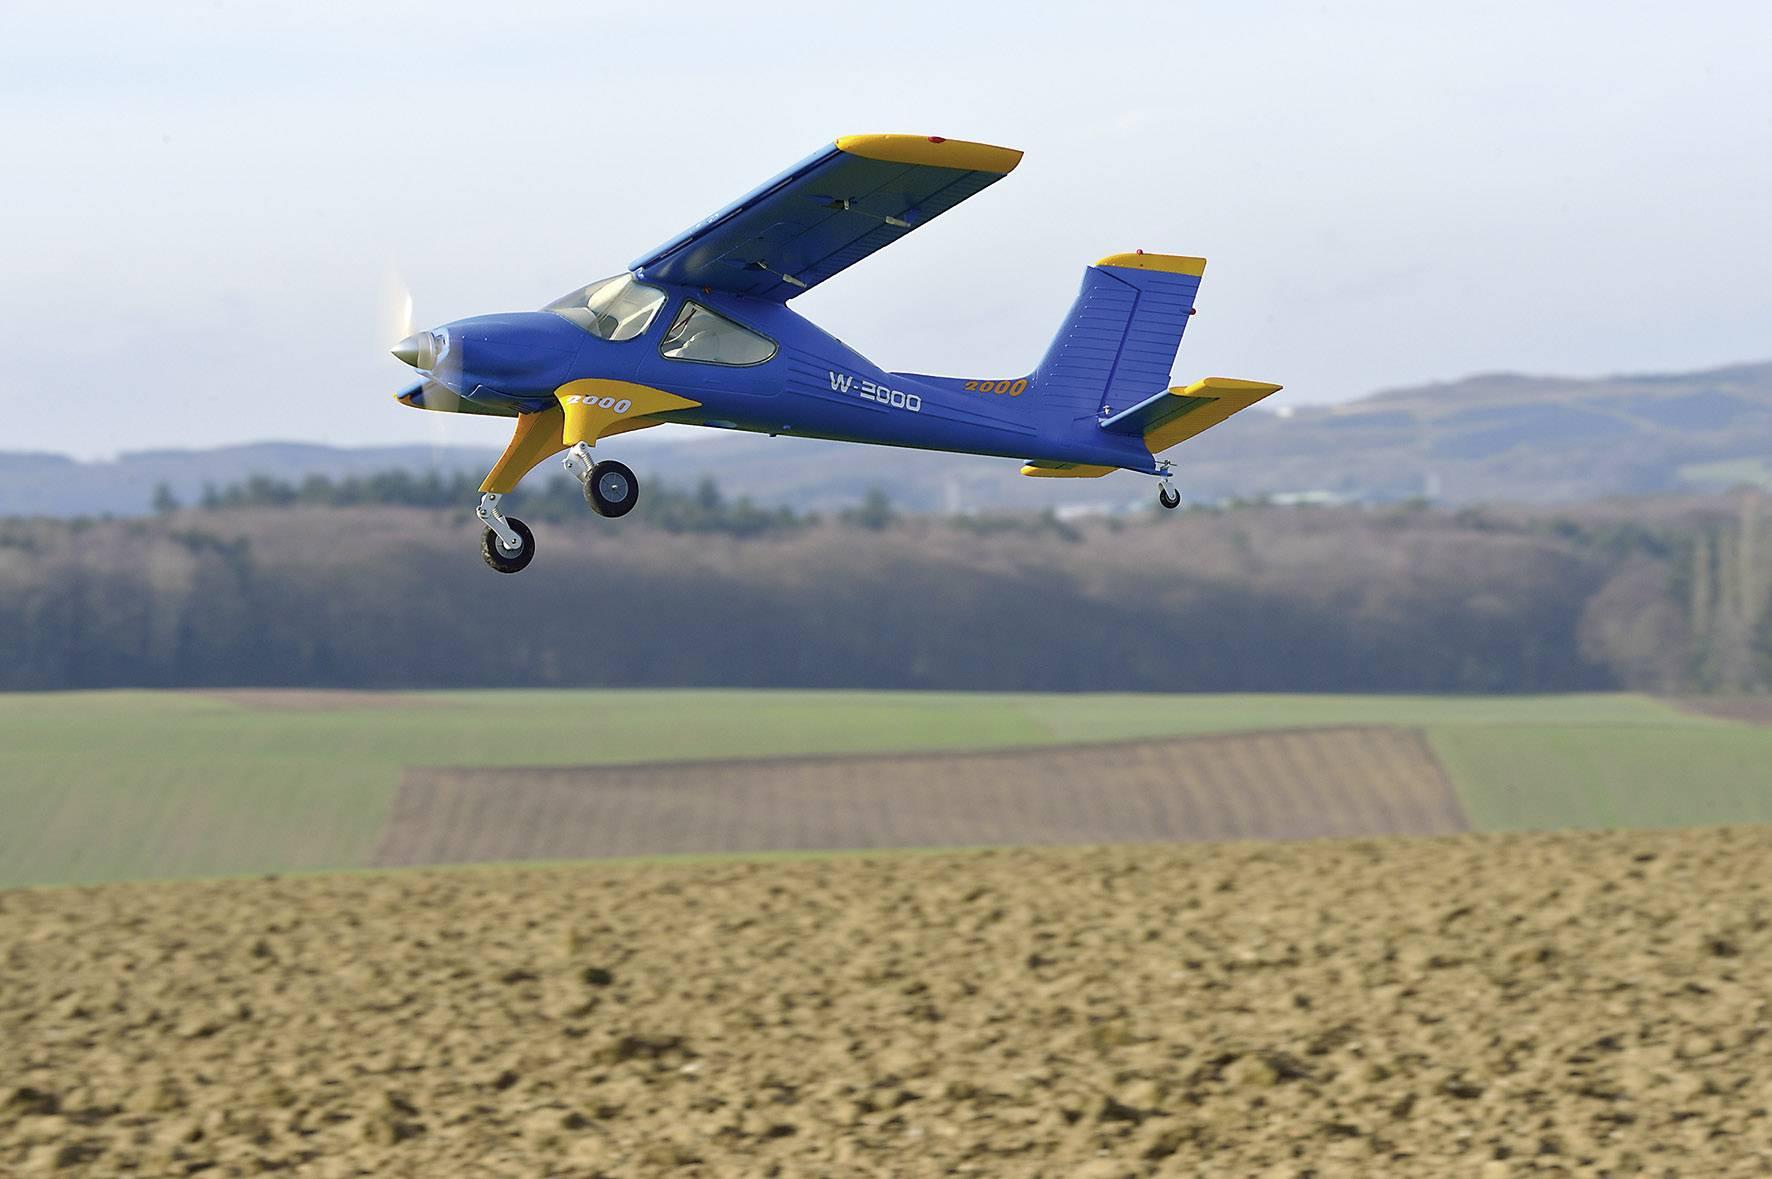 Reely W-2000 RC model aircraft ARF 1330 mm | Conrad com